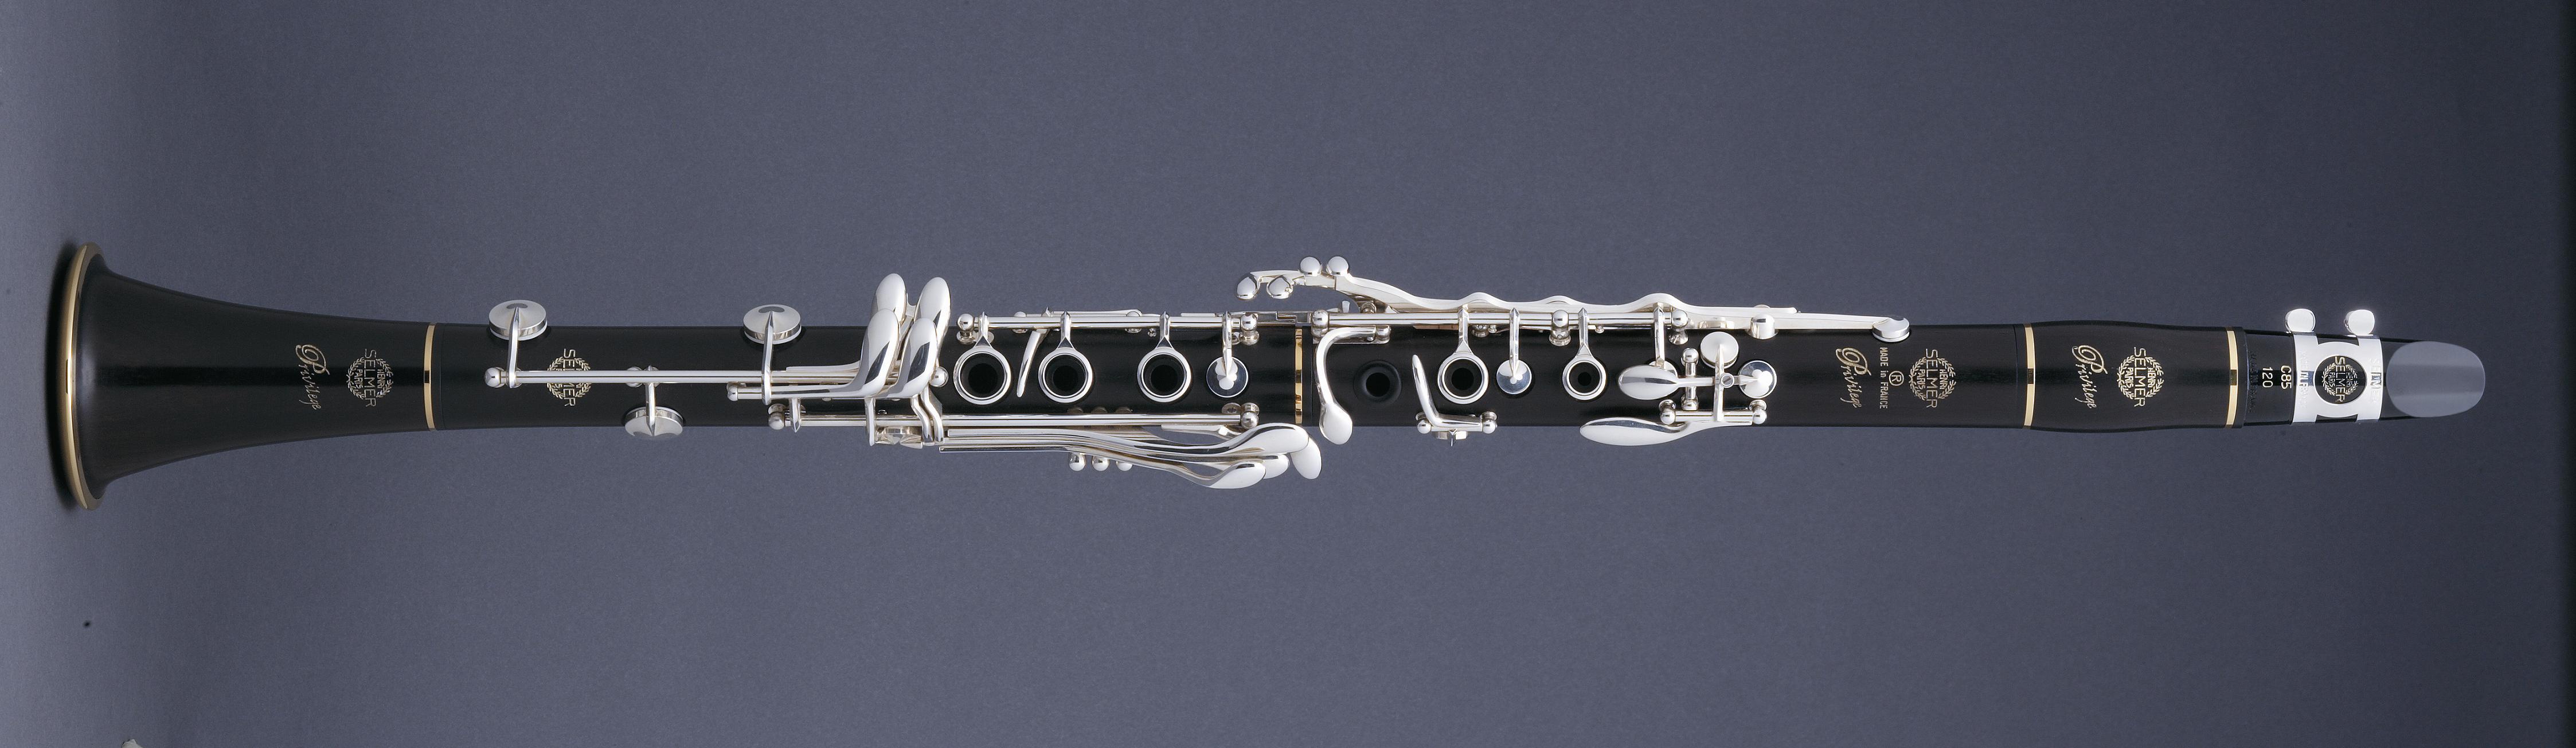 A klarinet